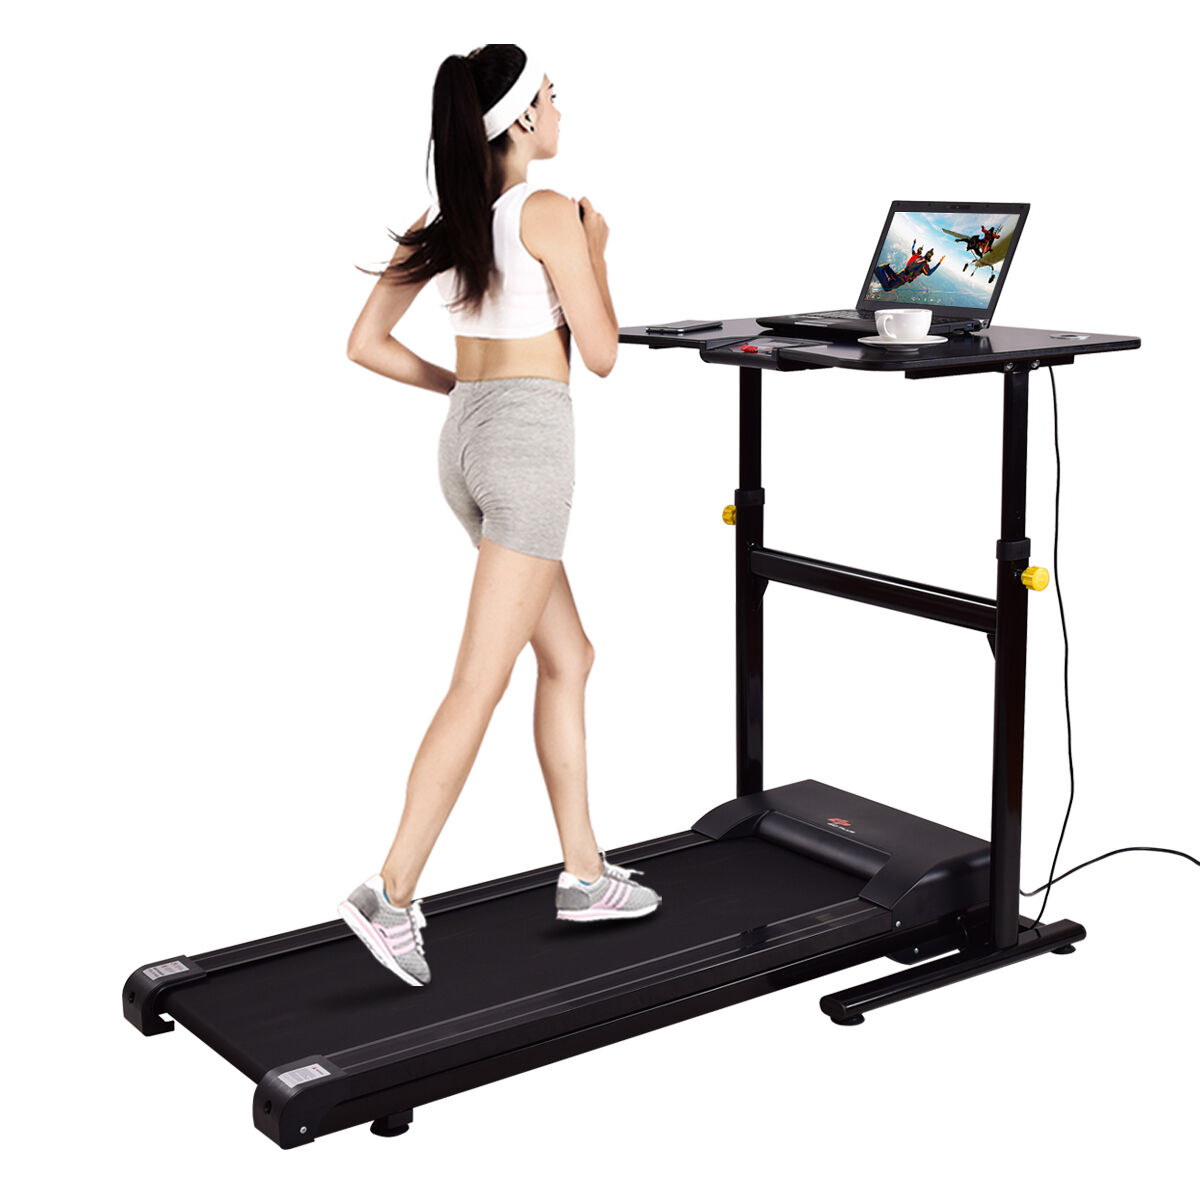 Treadmill Desk eBay